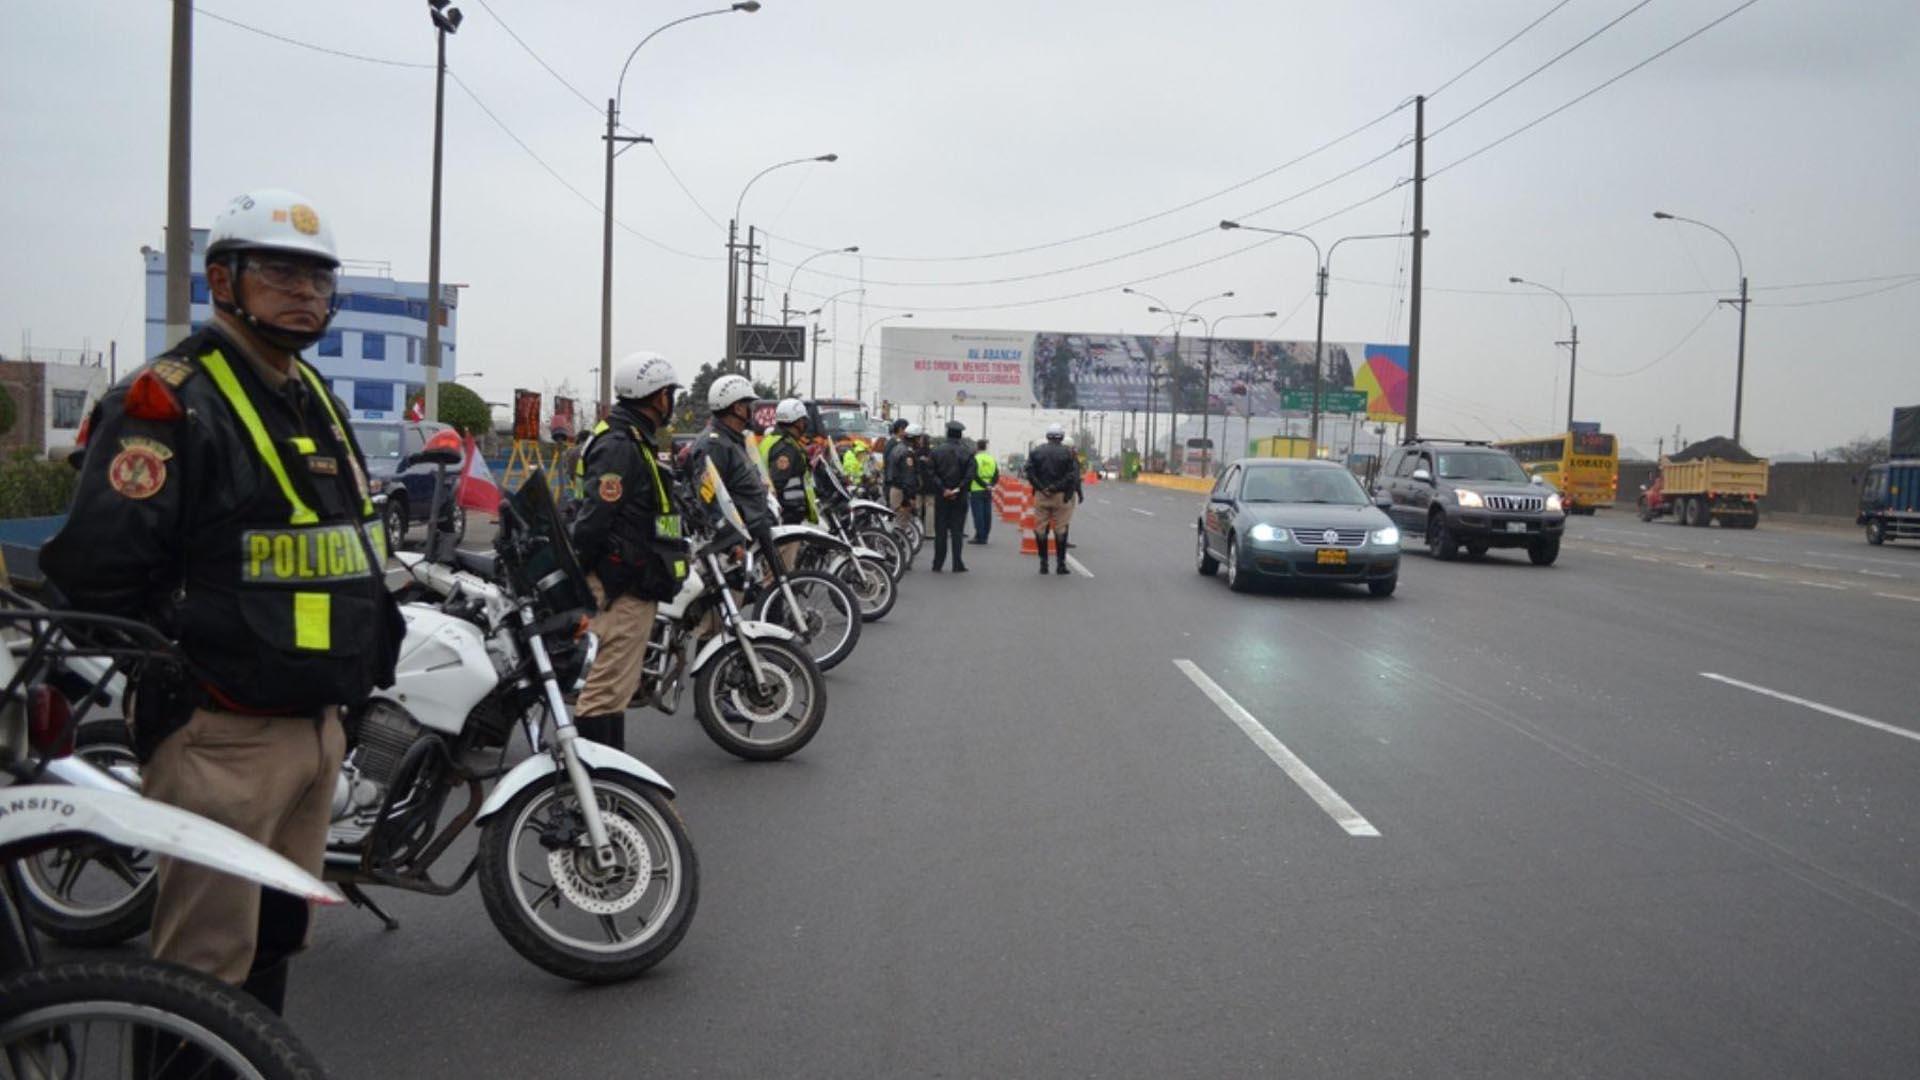 Un grupo de manifestantes intentaron trancar una importante artería vial por lo que la policía tuvo que intervenir